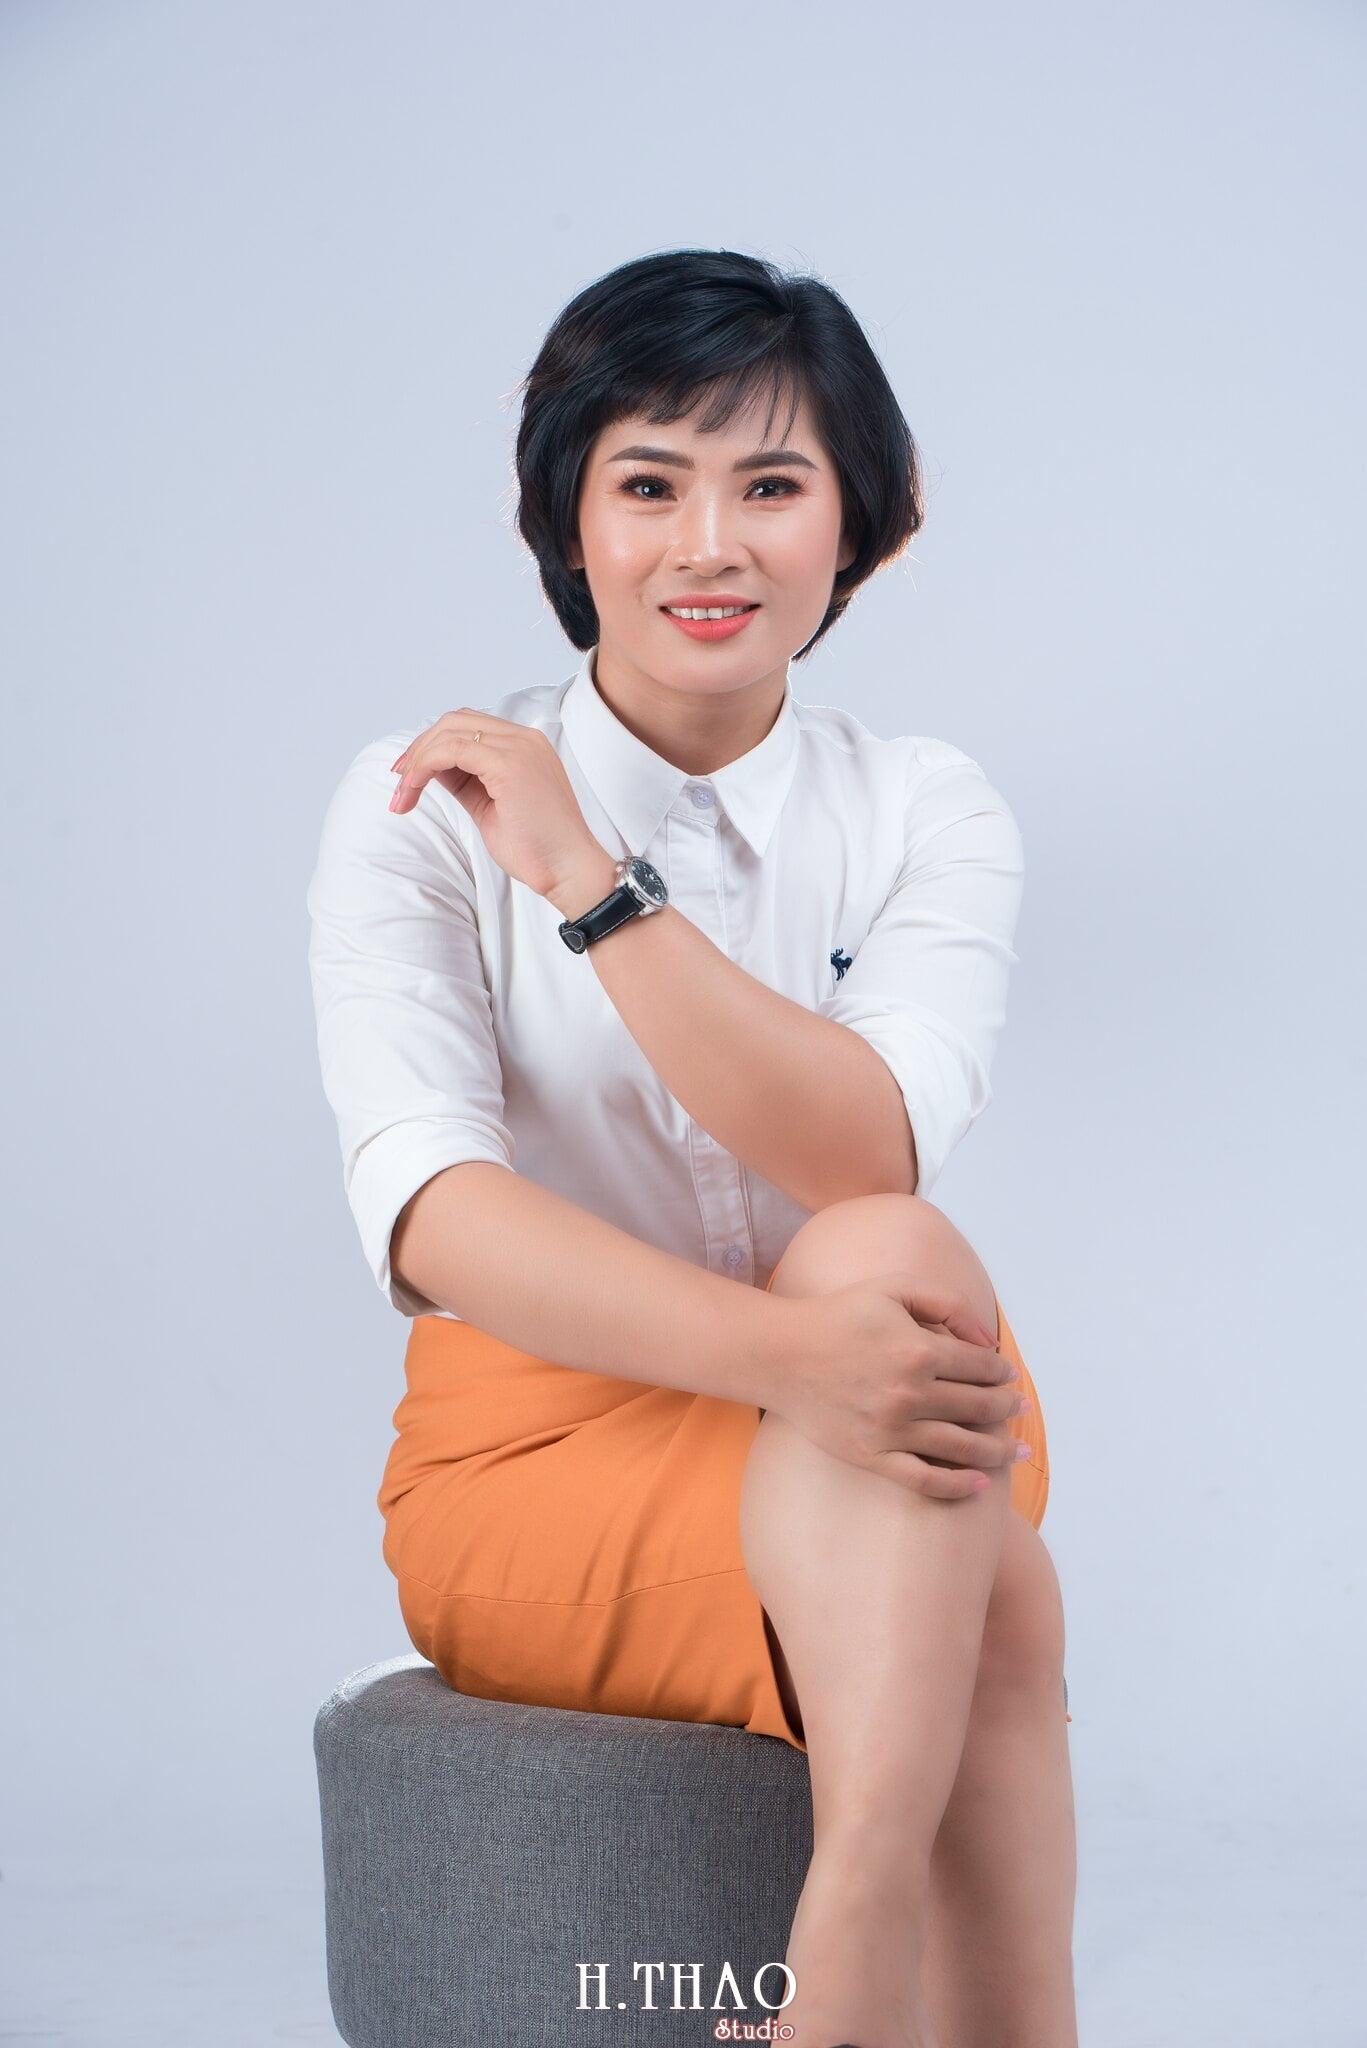 cong ty manulife 14 min - Album ảnh profile cá nhân chị Ny Manulife - HThao Studio